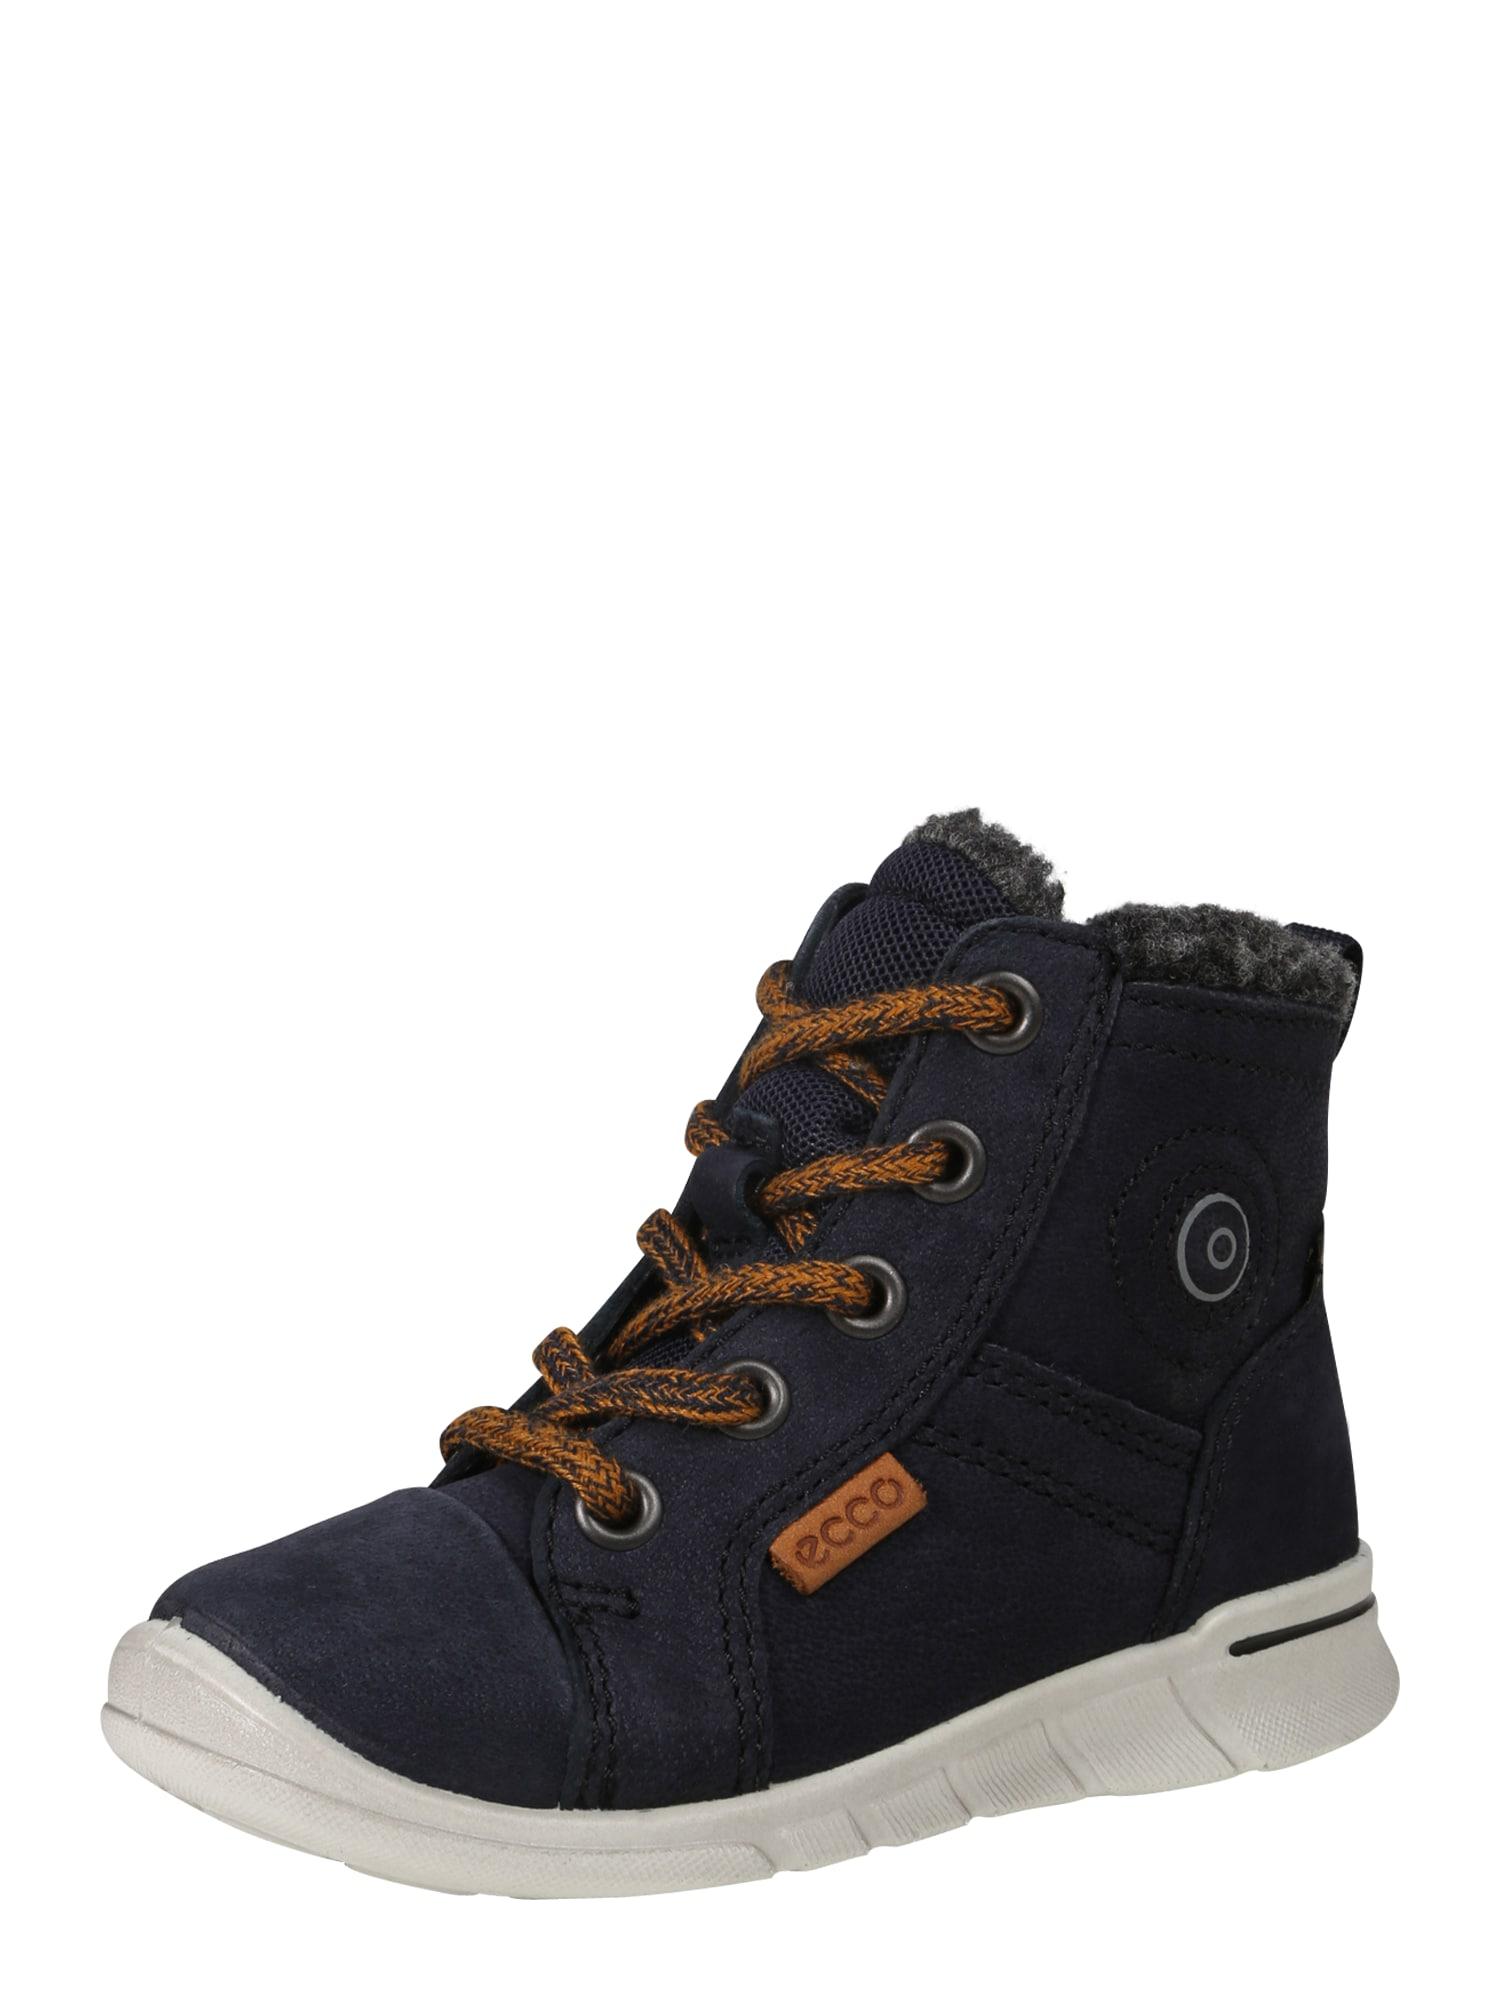 ECCO Auliniai batai su kulniuku 'First Night' tamsiai mėlyna